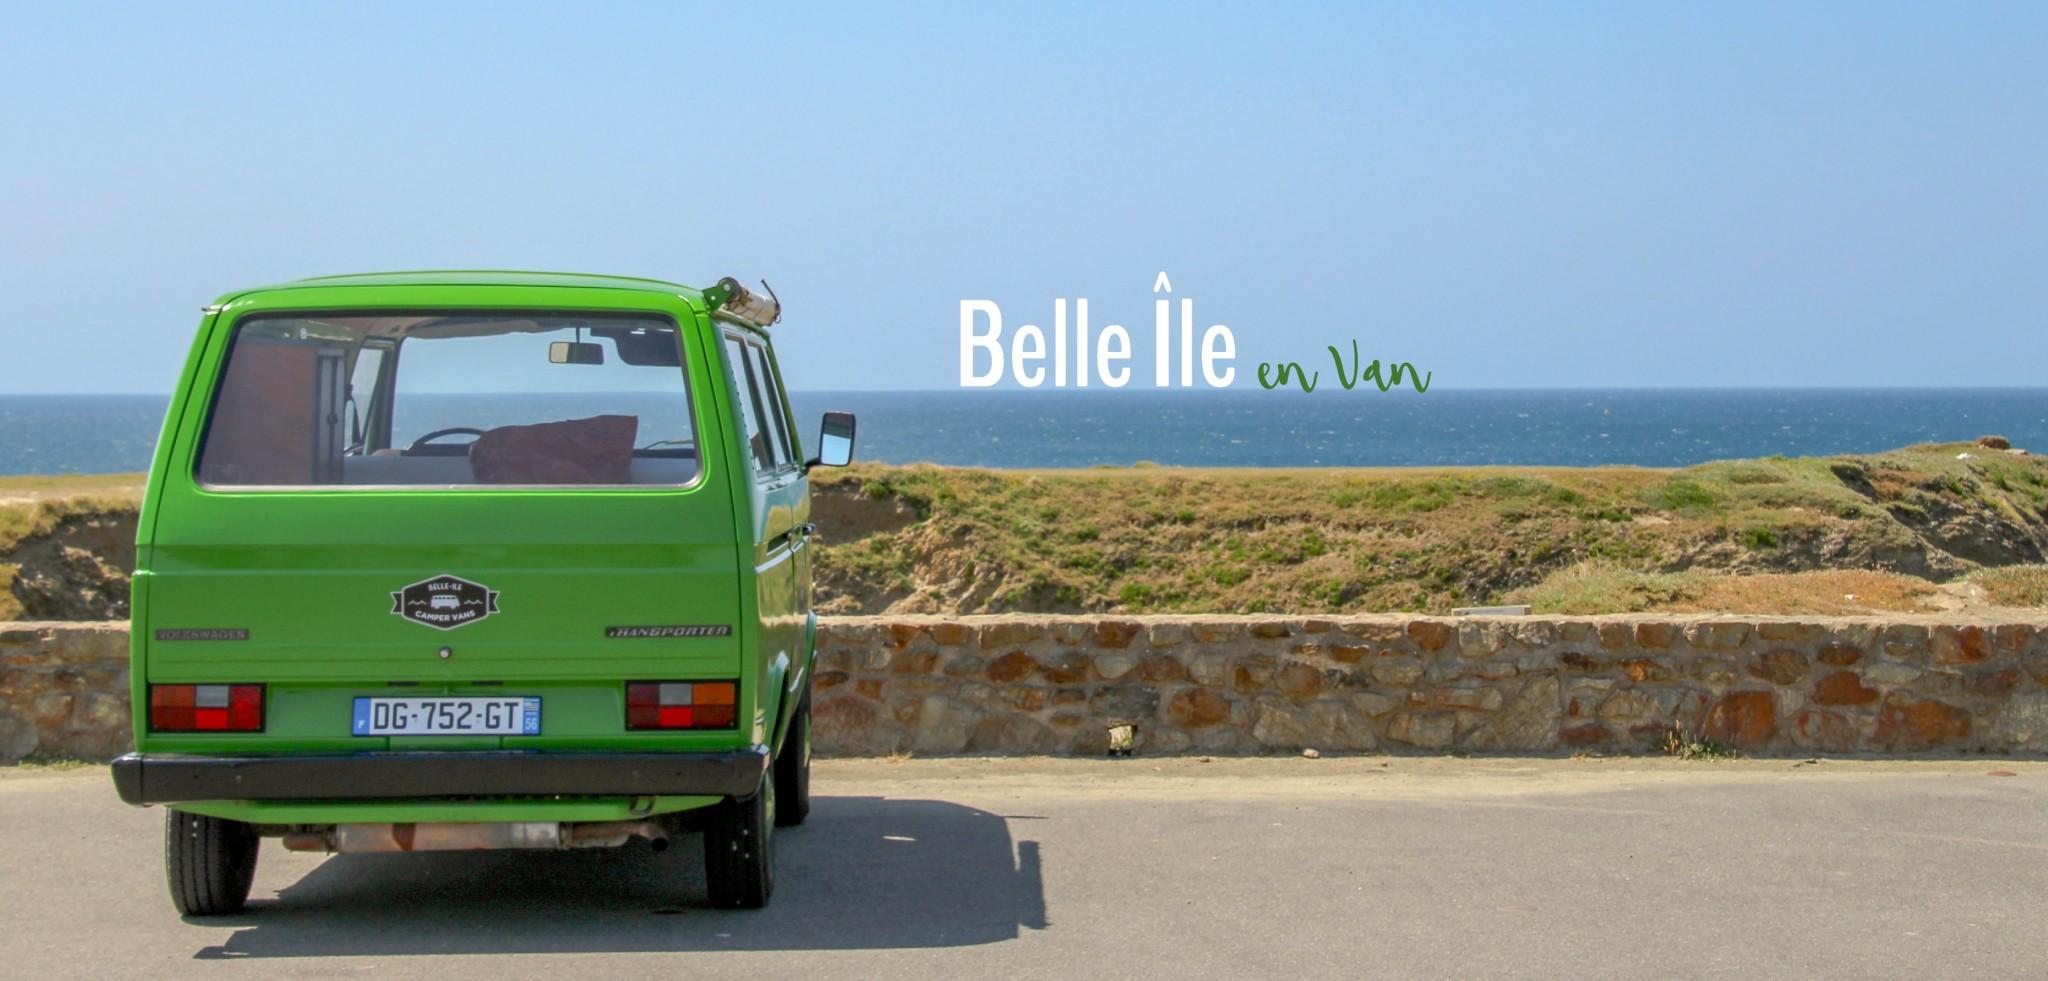 5 bonnes raisons de découvrir Belle île en van